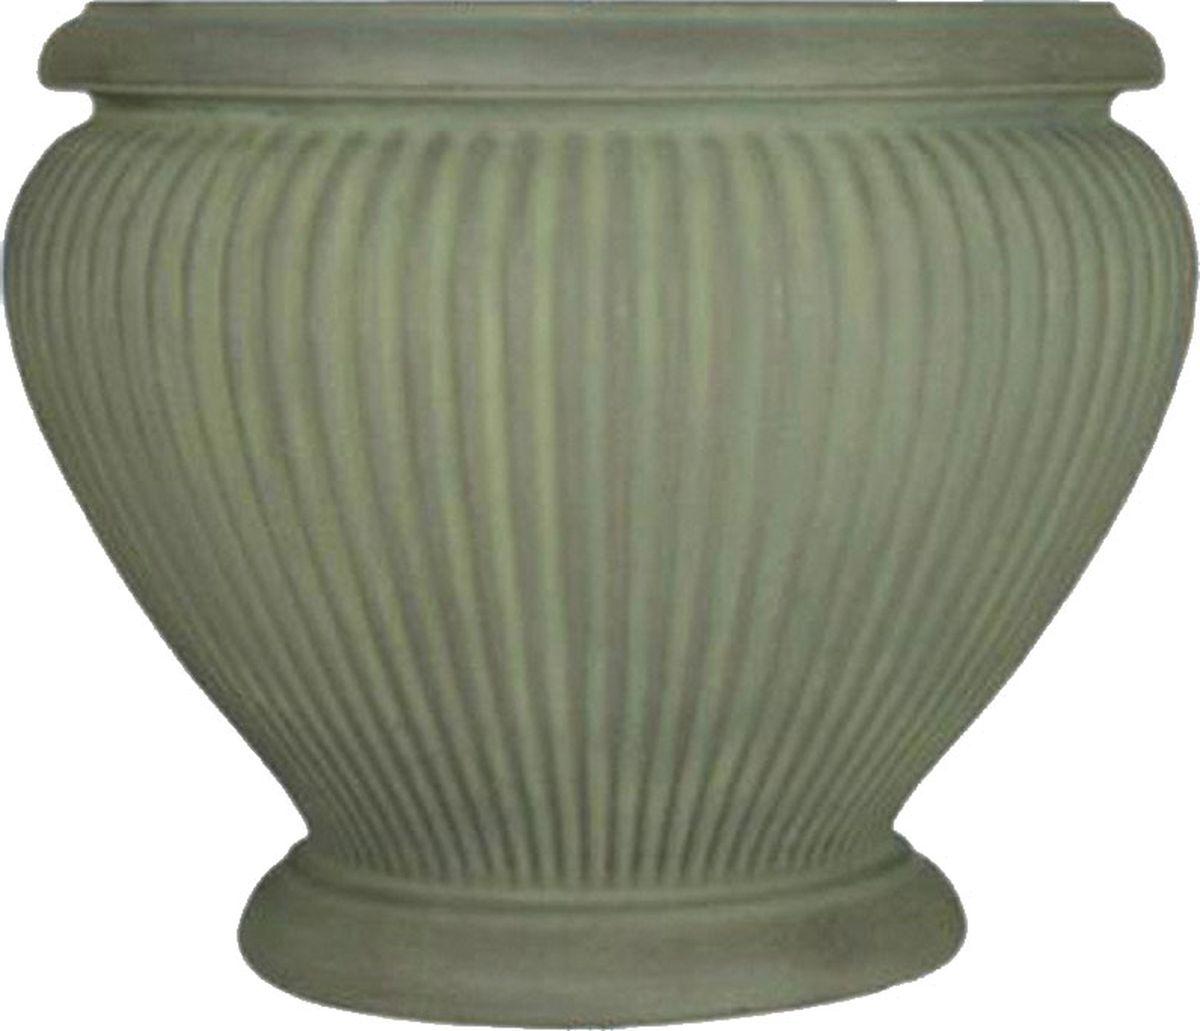 Вазон для цветов Dominican Garden Эсте, цвет: медный, диаметр 45,7 см